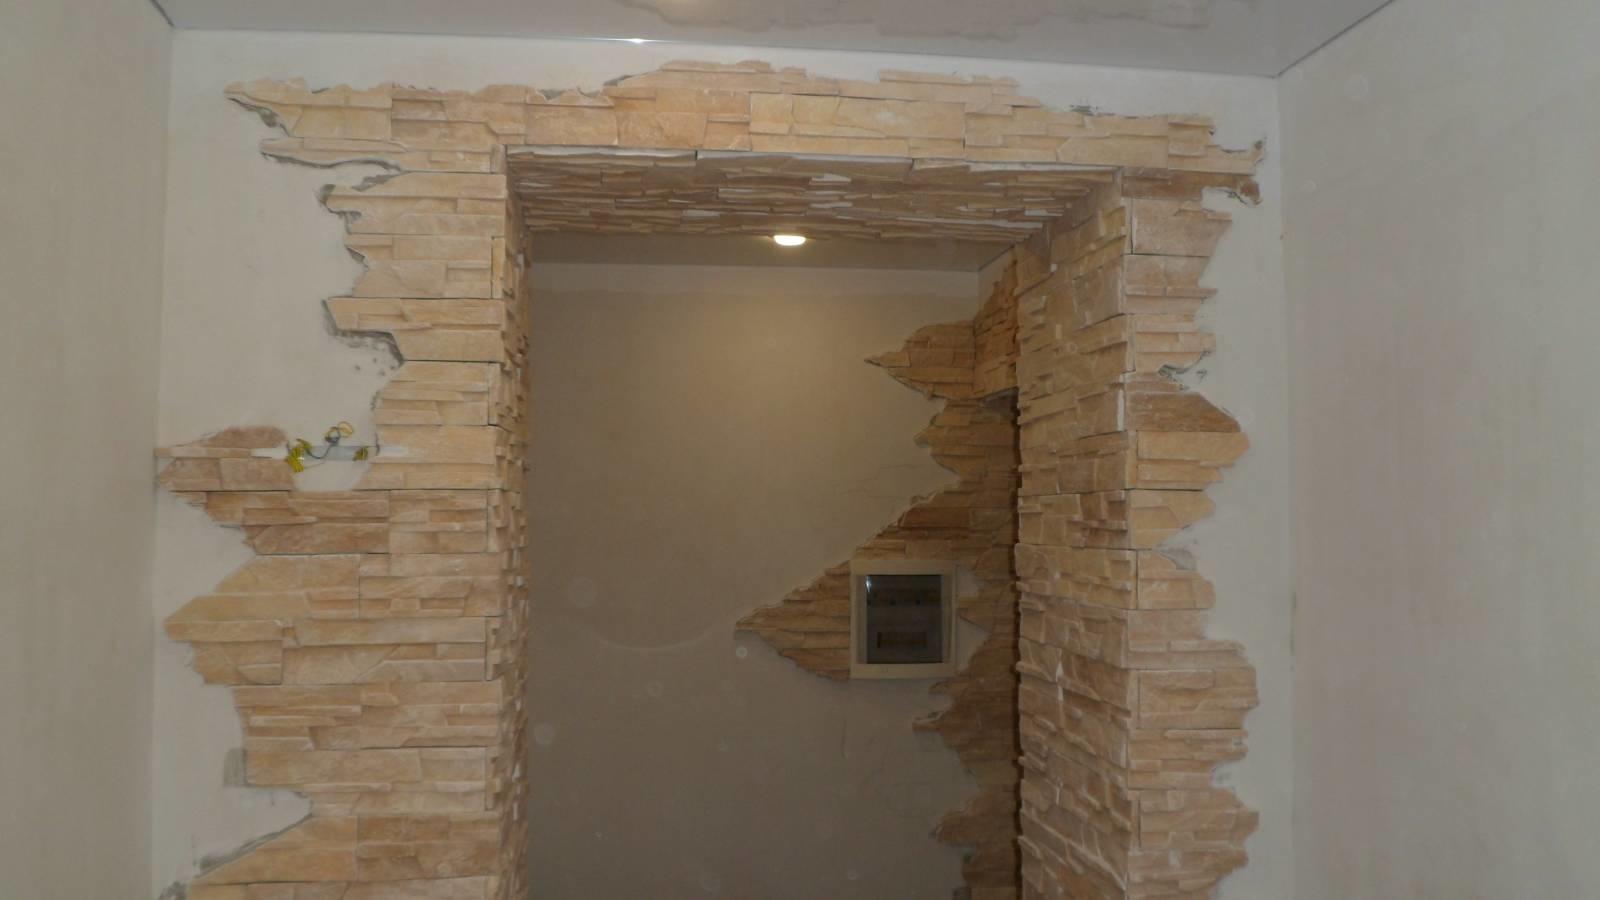 Откосы для входных дверей (59 фото): отделка изнутри из пане.